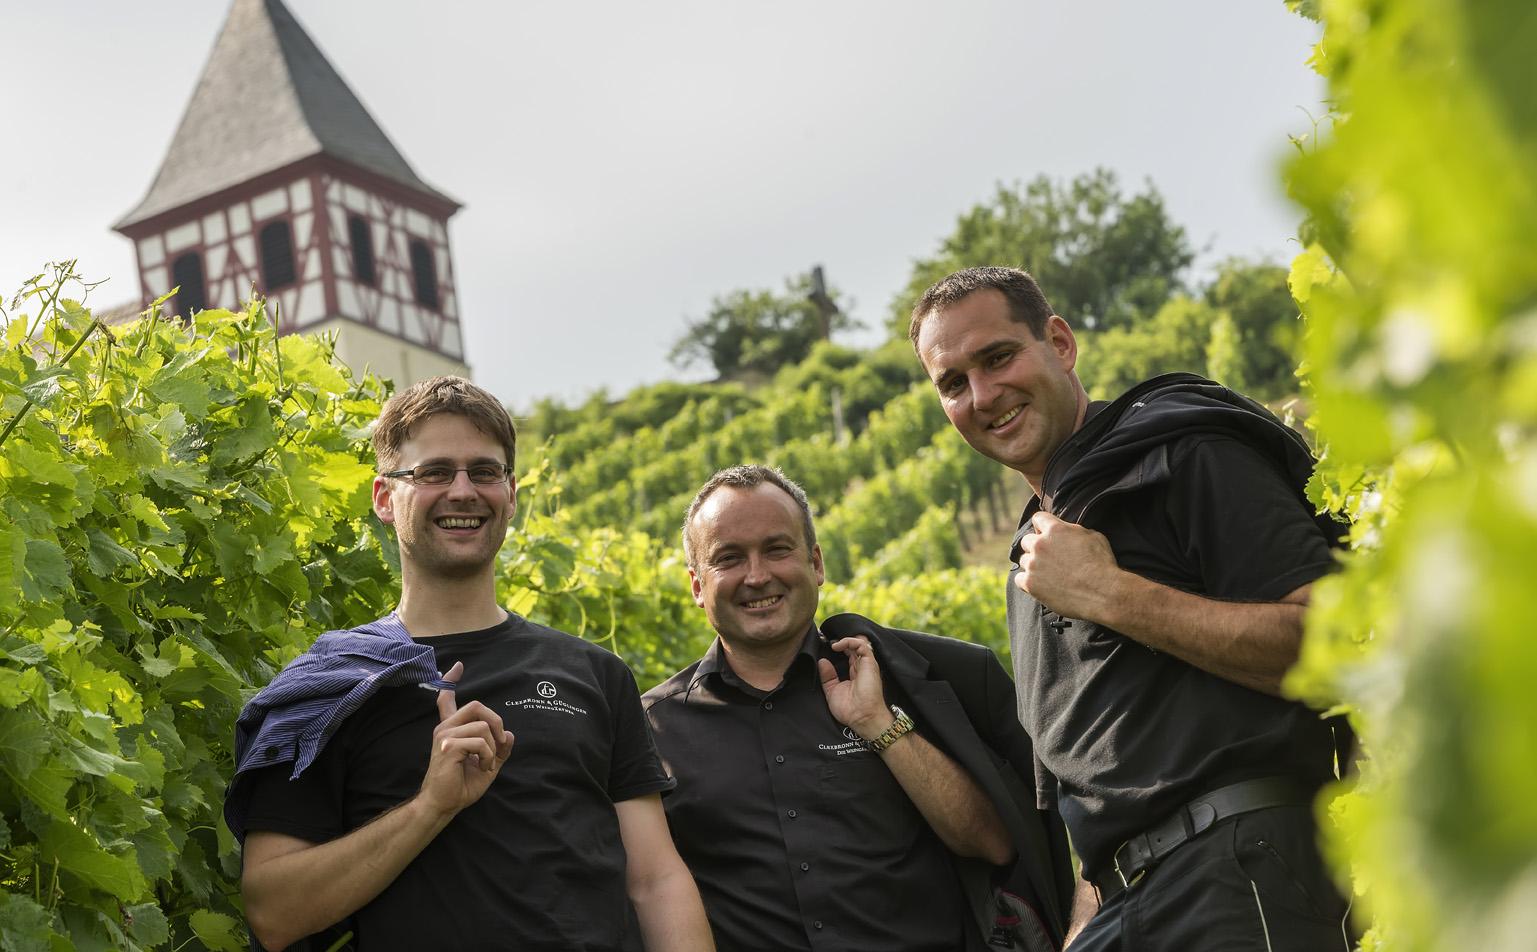 Man sieht Kellermeister Andreas Reichert, Geschäftsführer Axel Gerst und Vorstandsvorsitzender Thomas Beyl von den Weingärtnern Cleebronn & Güglingen